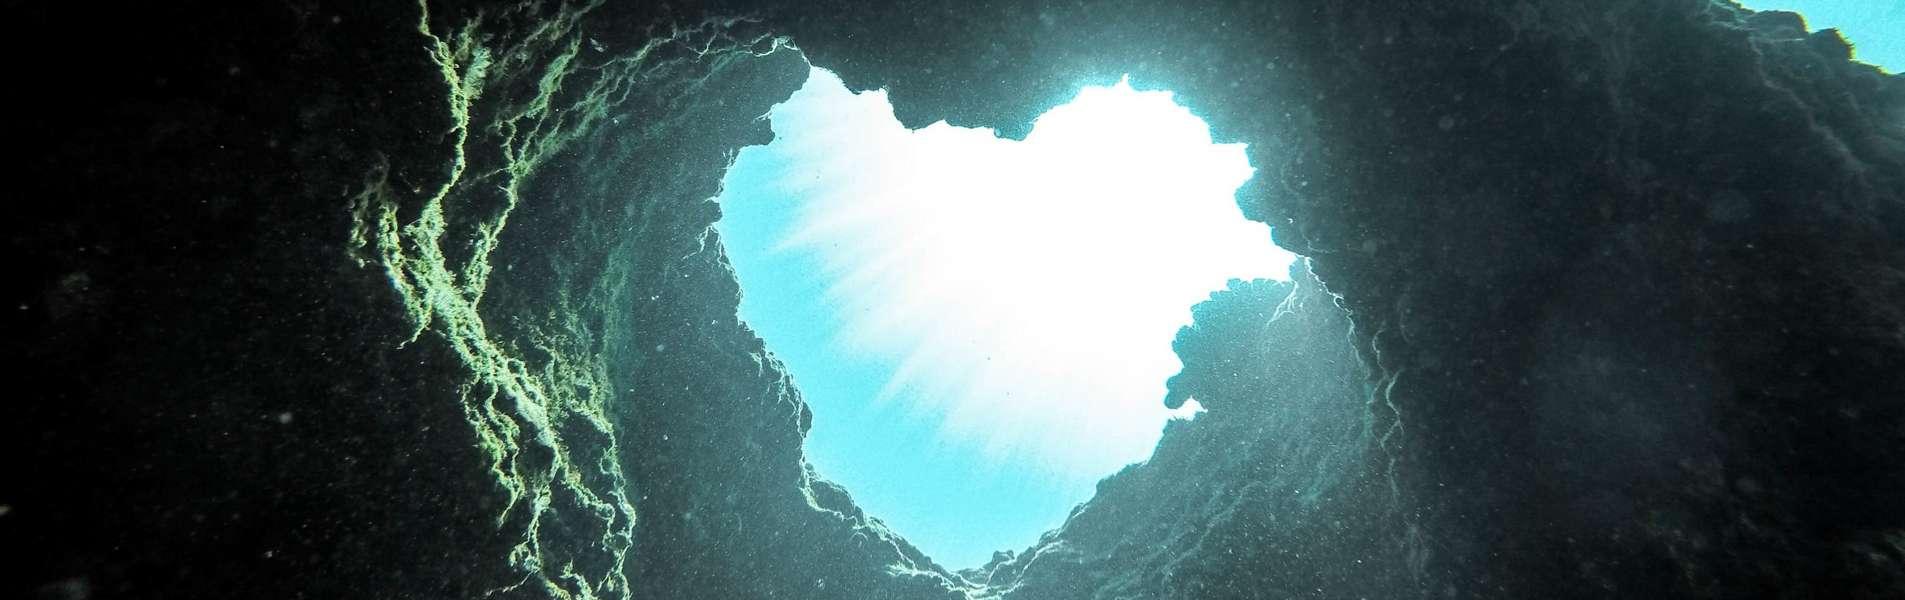 Heart Shaped underwater rocks